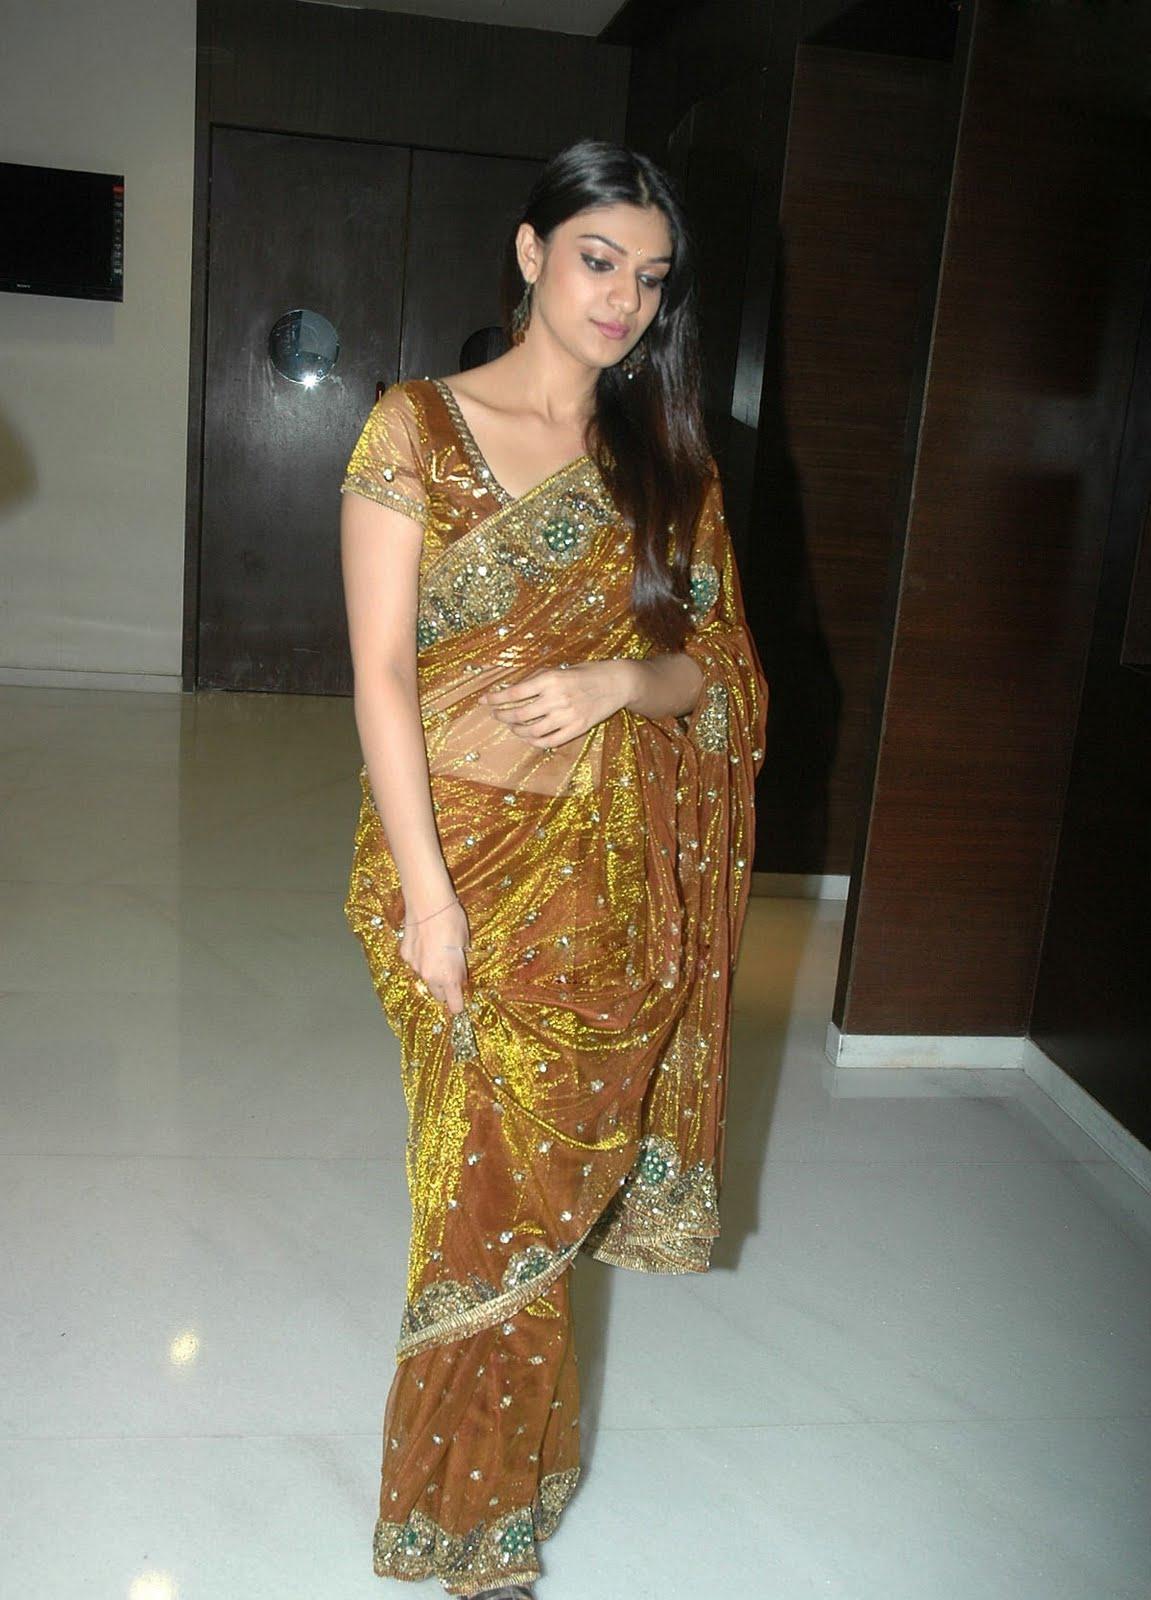 ethnic decorative Shiya latest saree stills